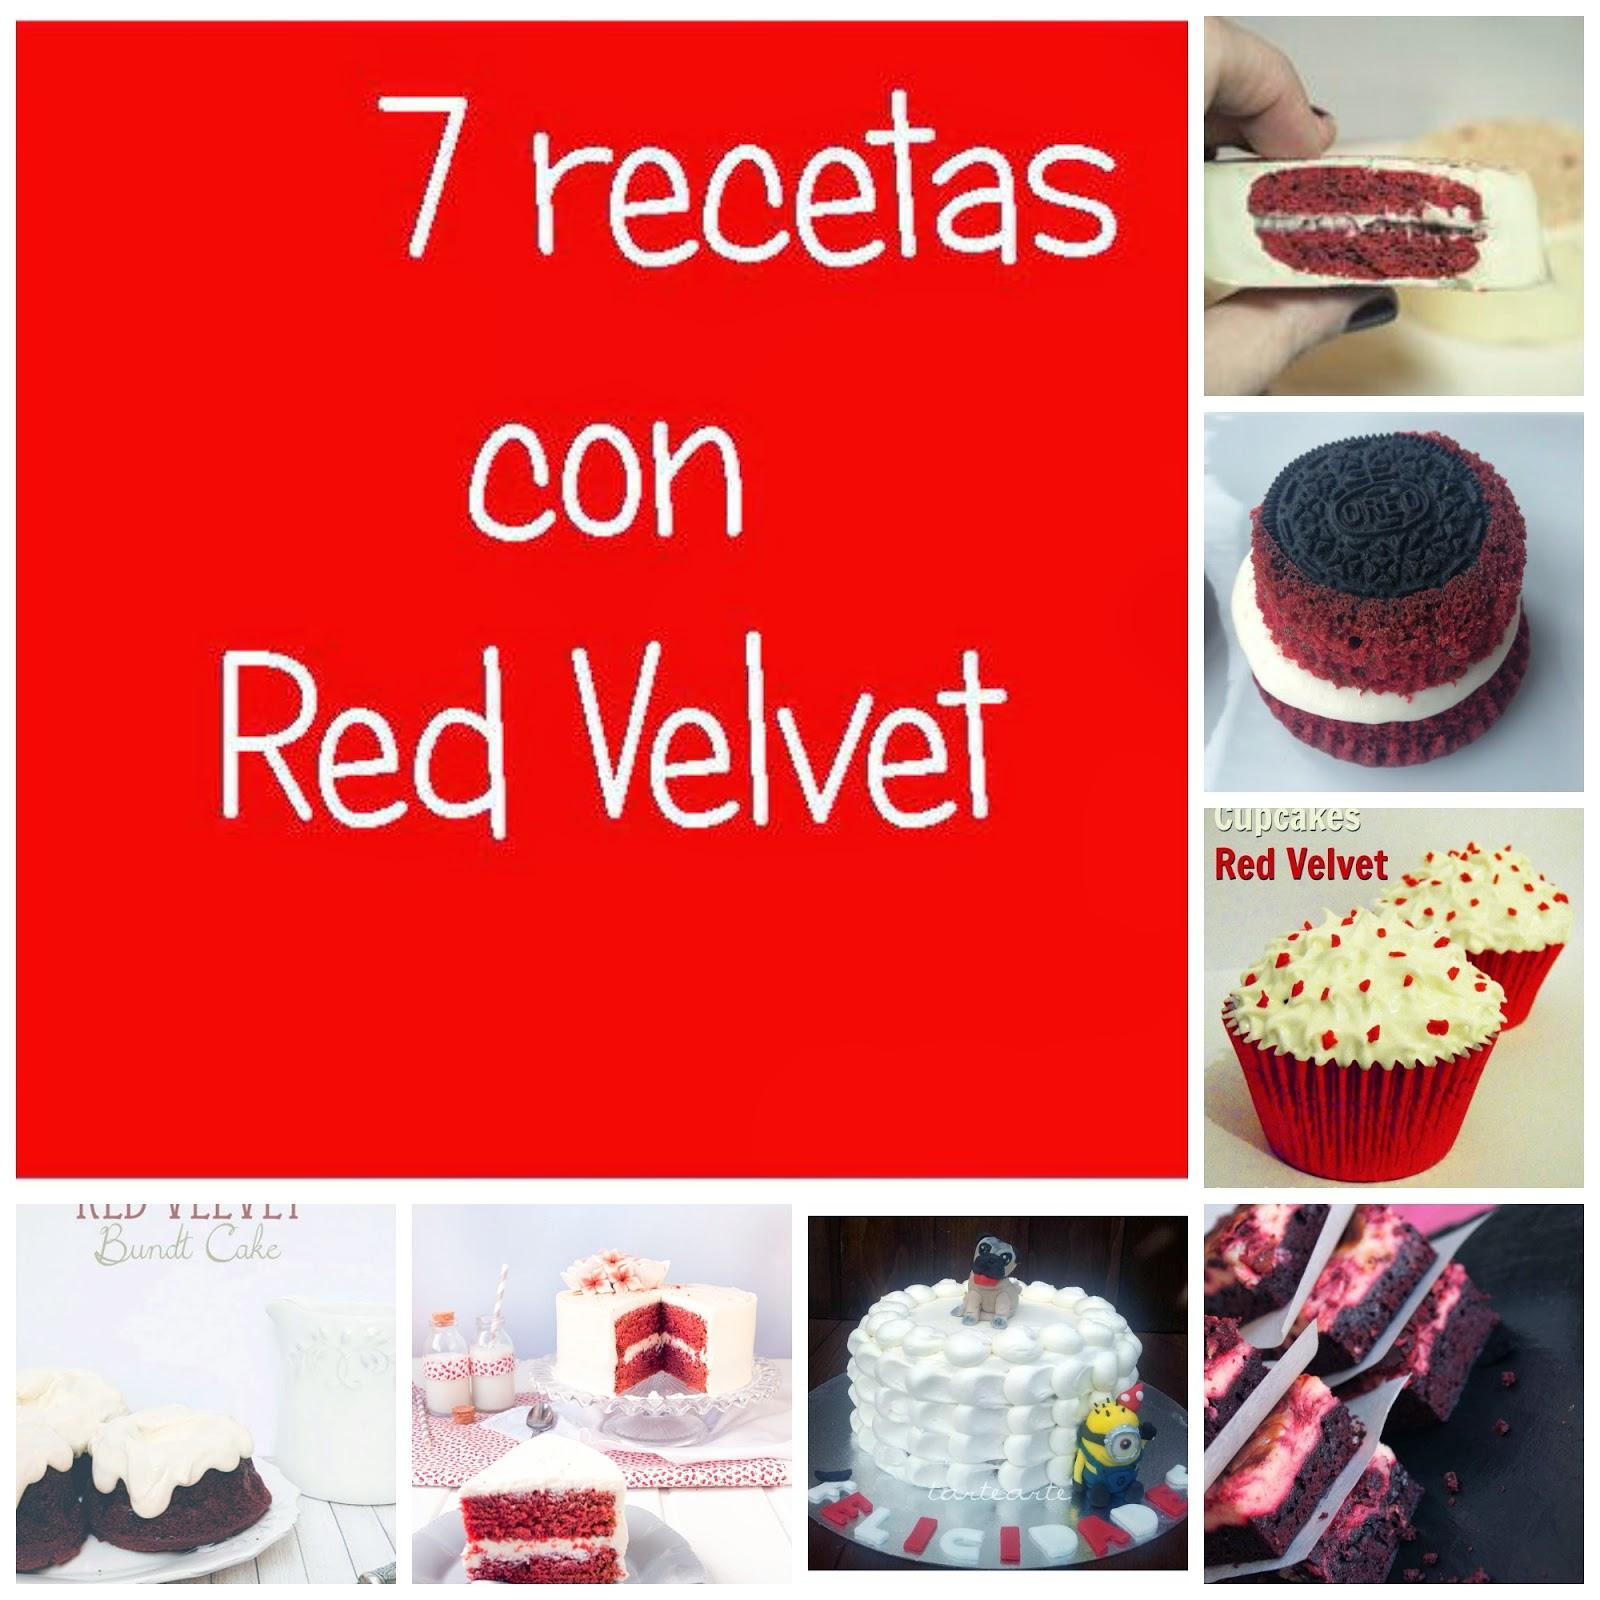 Cakes A Medida 7 Recetas Con Red Velvet Para Dar Color A